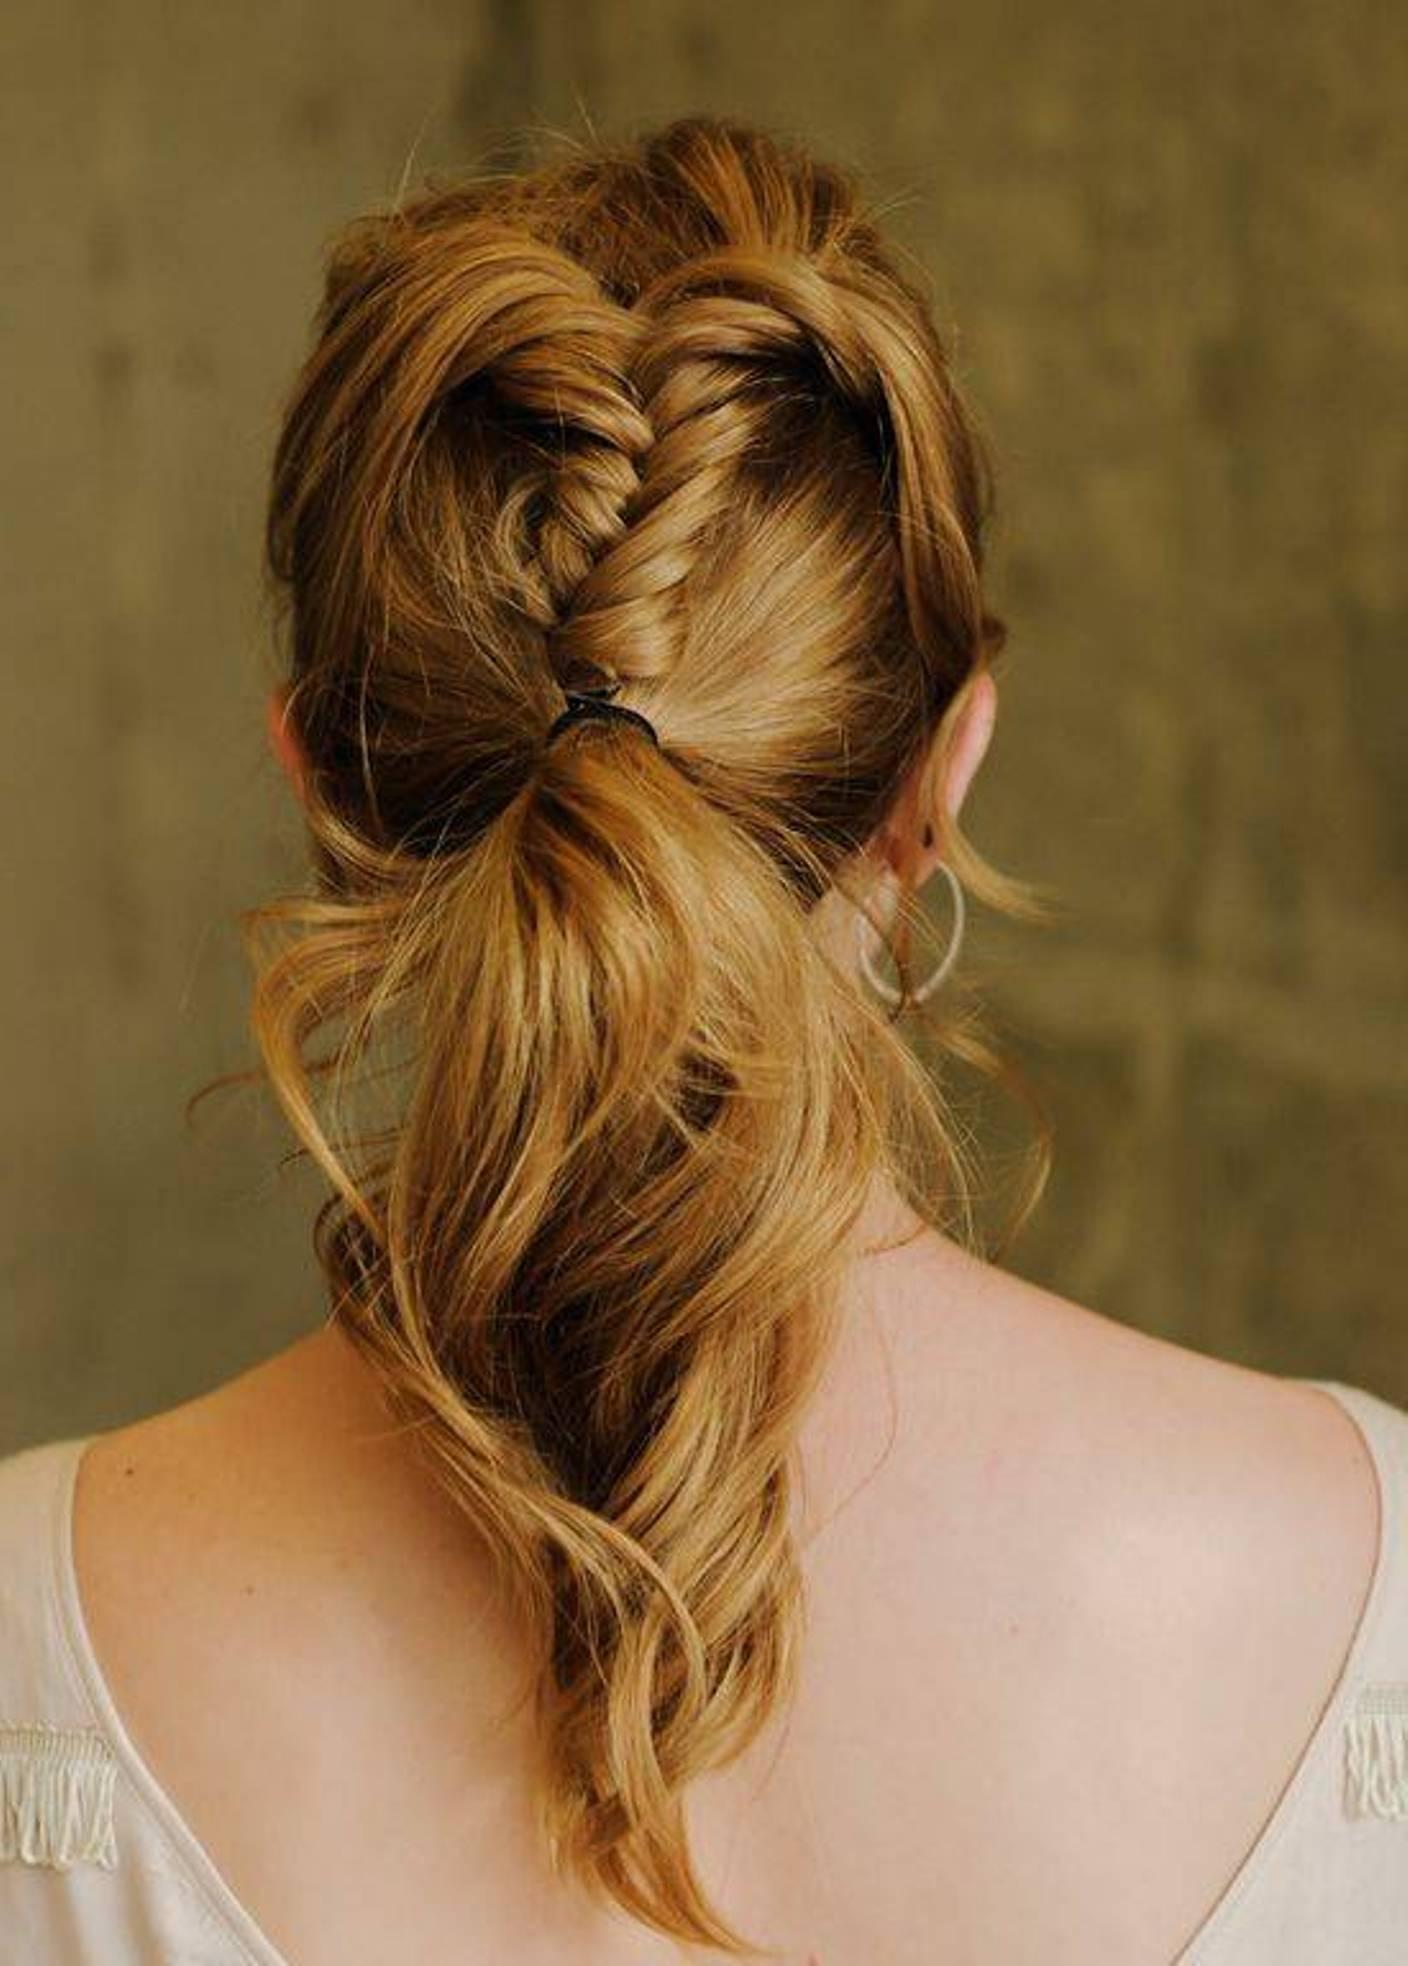 Вечерняя прическа хвост на средние волосы фото